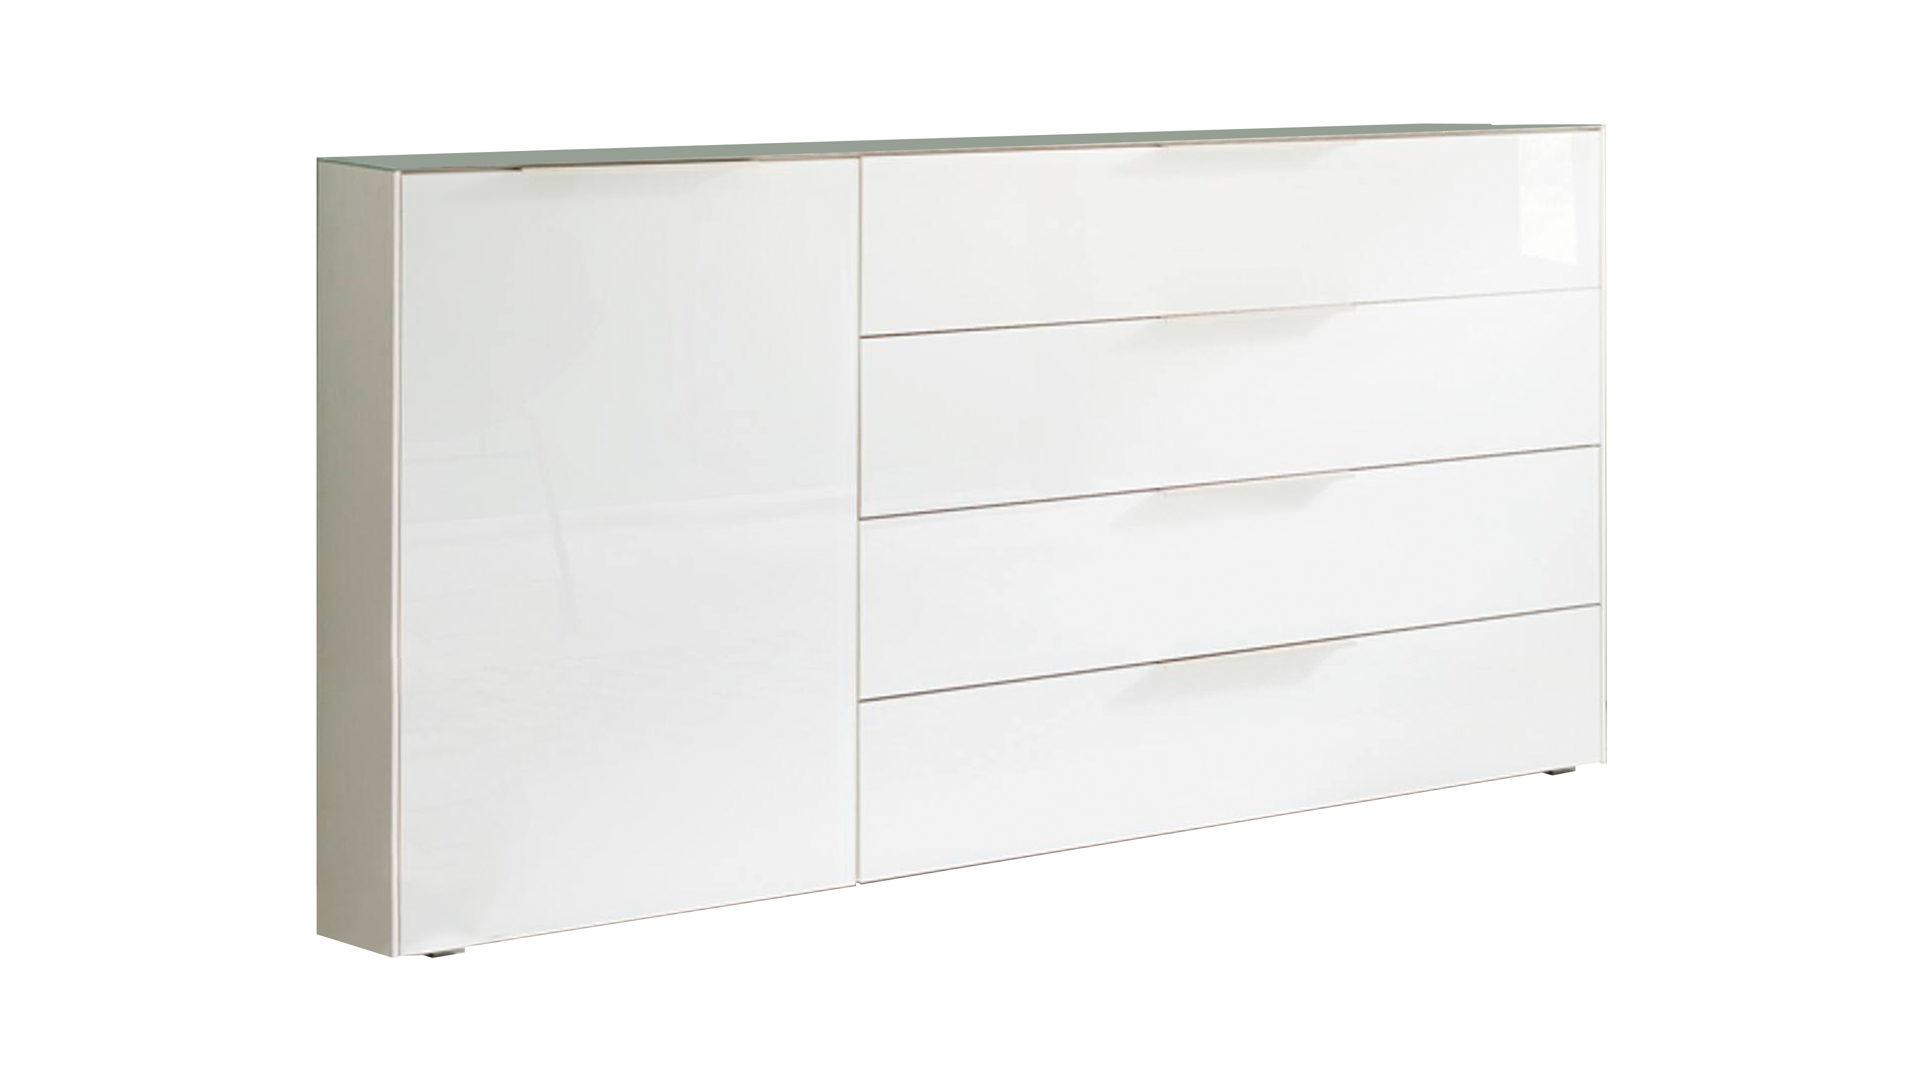 mobel bernskotter mulheim raume wohnzimmer kommoden sideboards